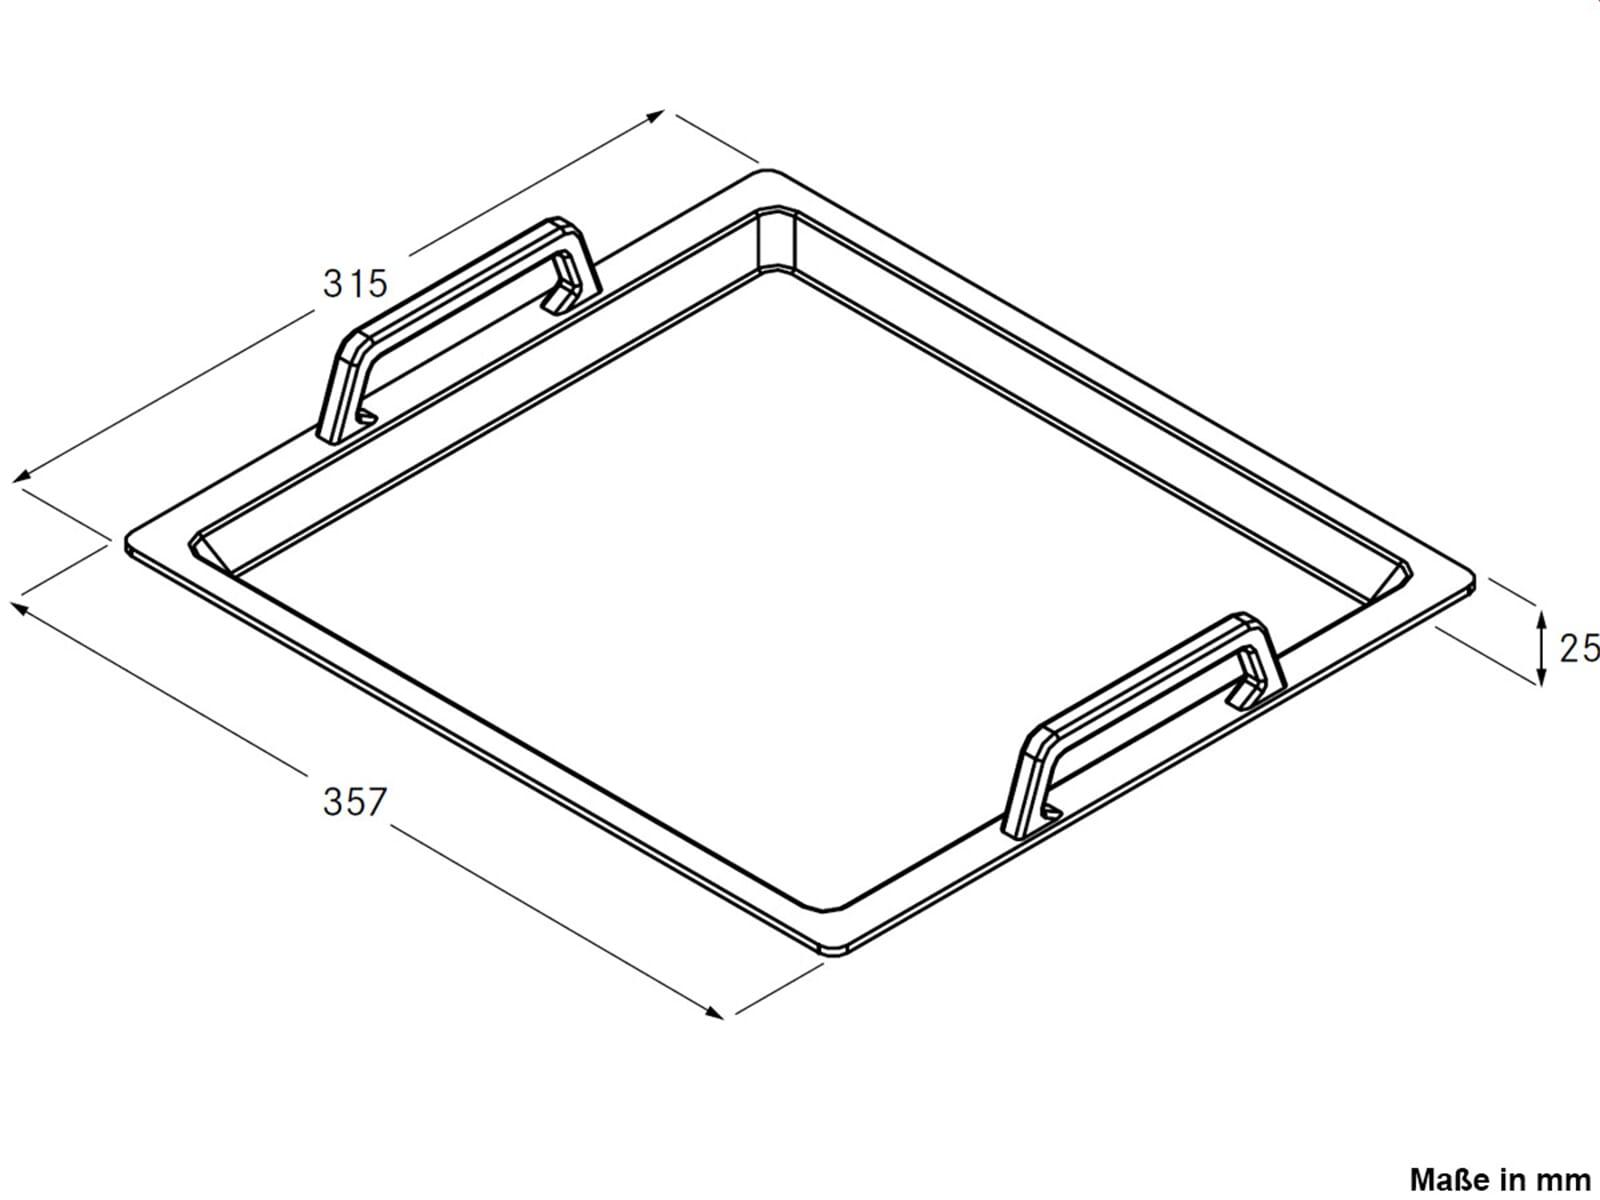 bora kochfeld erfahrungen bora kochfeld erfahrungen kchen. Black Bedroom Furniture Sets. Home Design Ideas